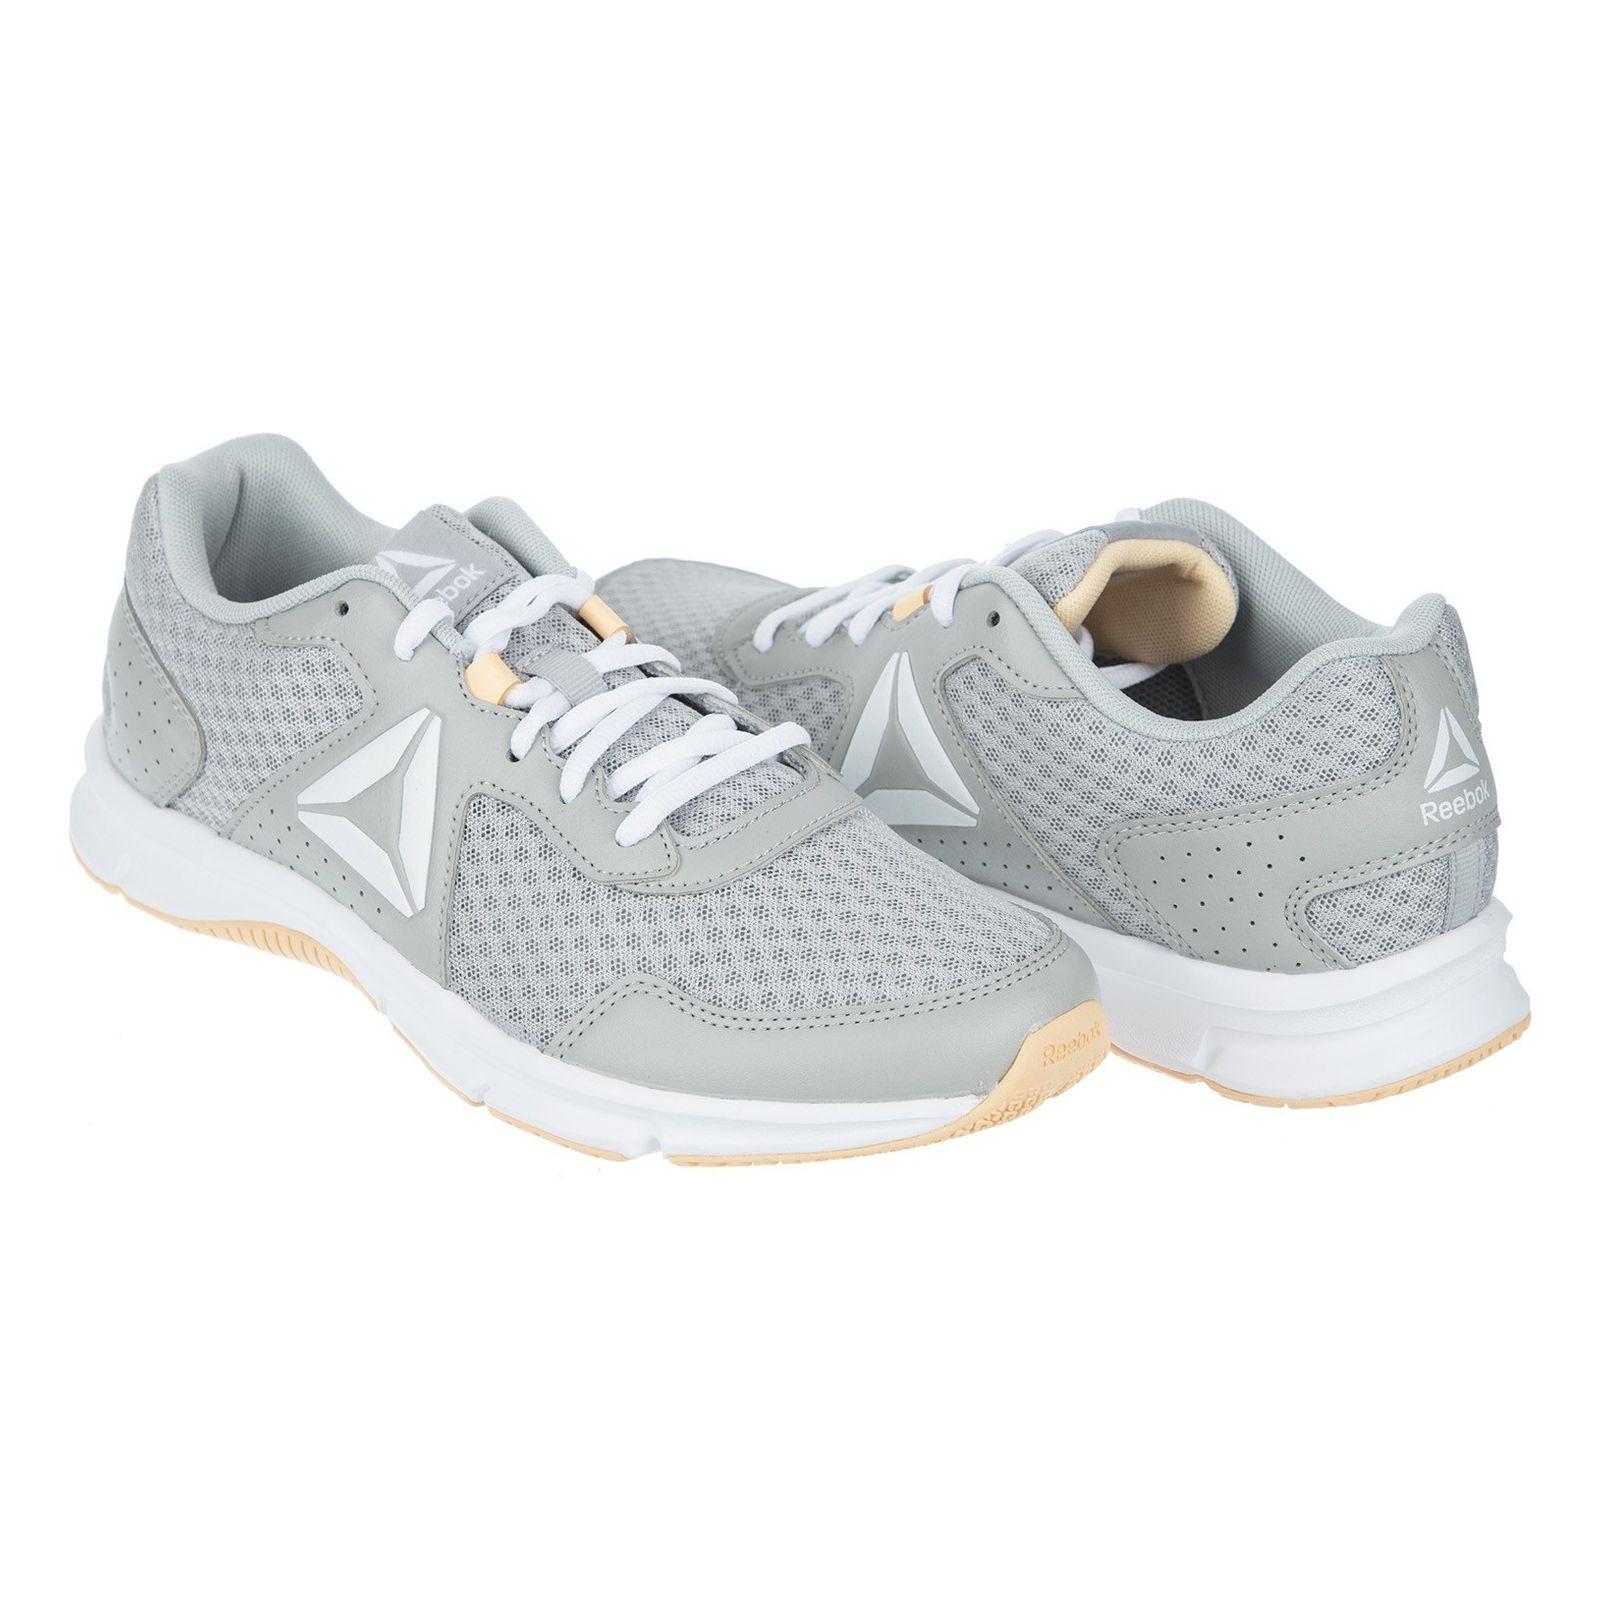 کفش مخصوص دویدن زنانه ریباک مدل Express - طوسي - 4